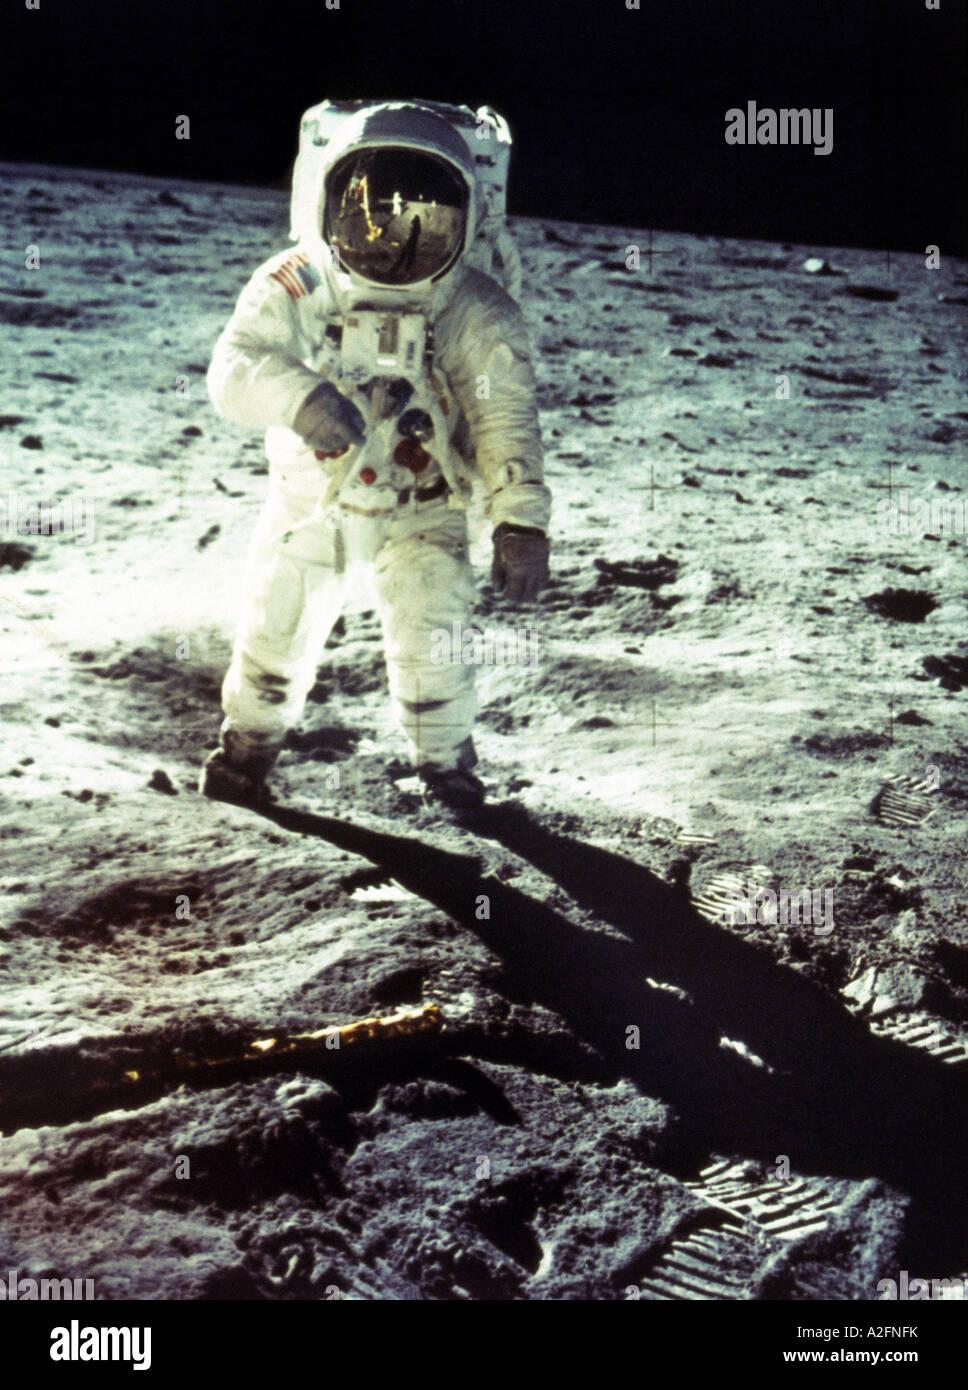 NEIL ARMSTRONG, US-amerikanischer Astronaut als Befehlshaber für die Apollo 11 Mondlandung am 20. Juli 1969 Stockfoto